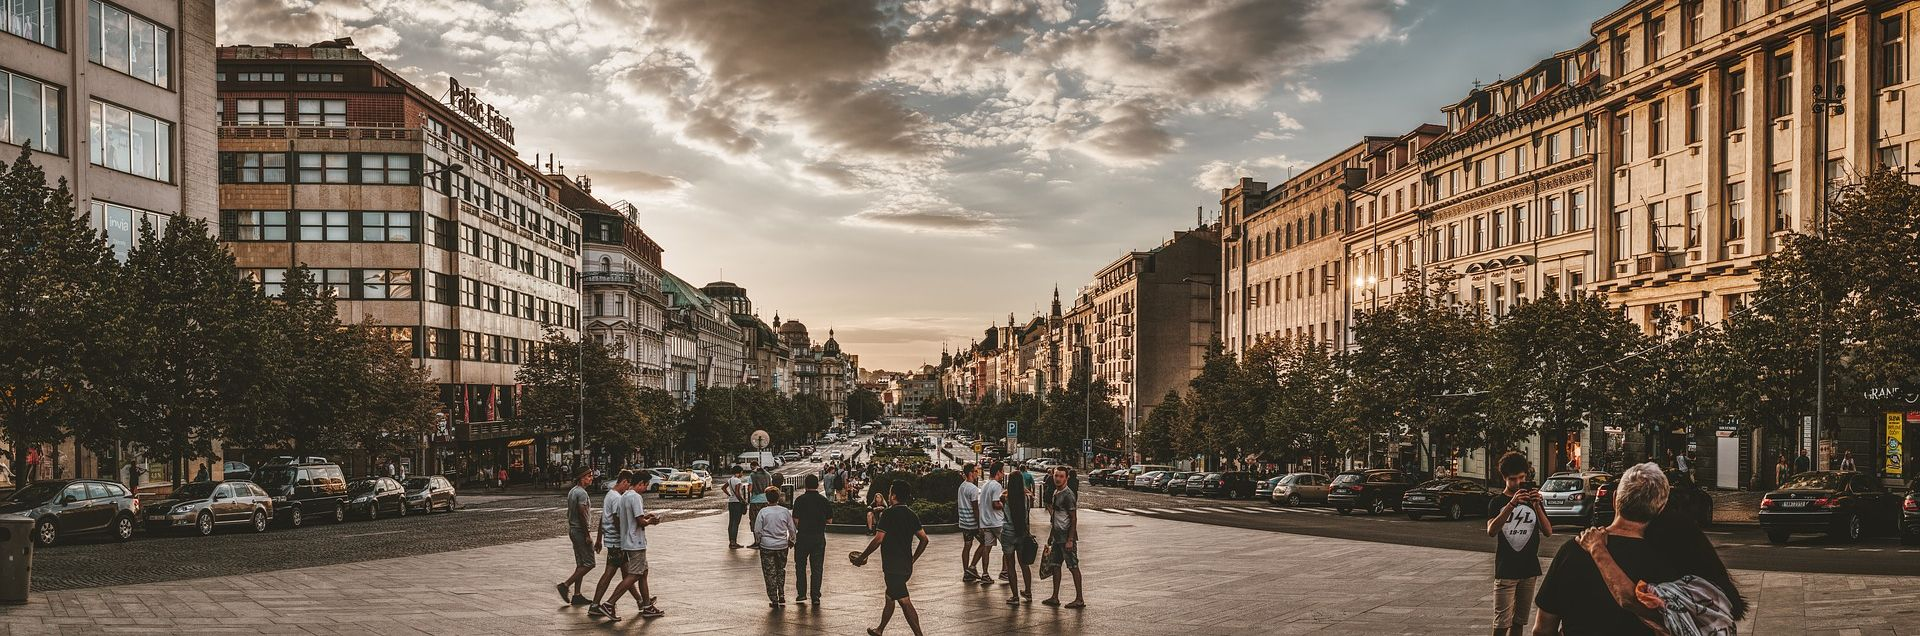 Muškarac se zapalio na središnjem trgu u Pragu